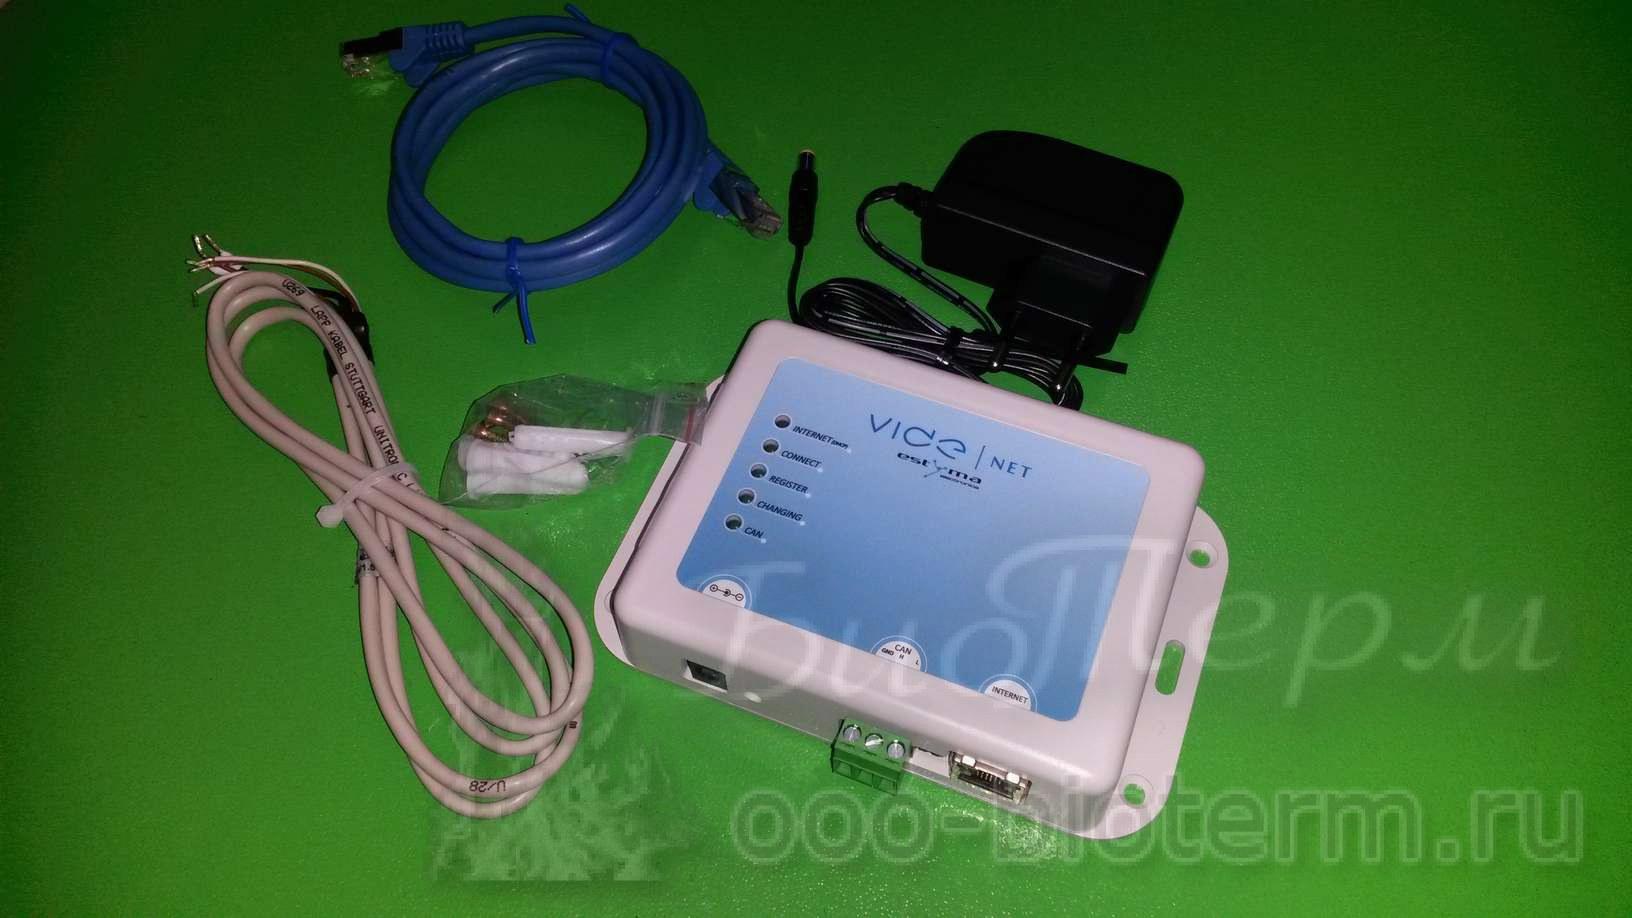 GSM выключатель. Дистанционное управление по сотовой 79